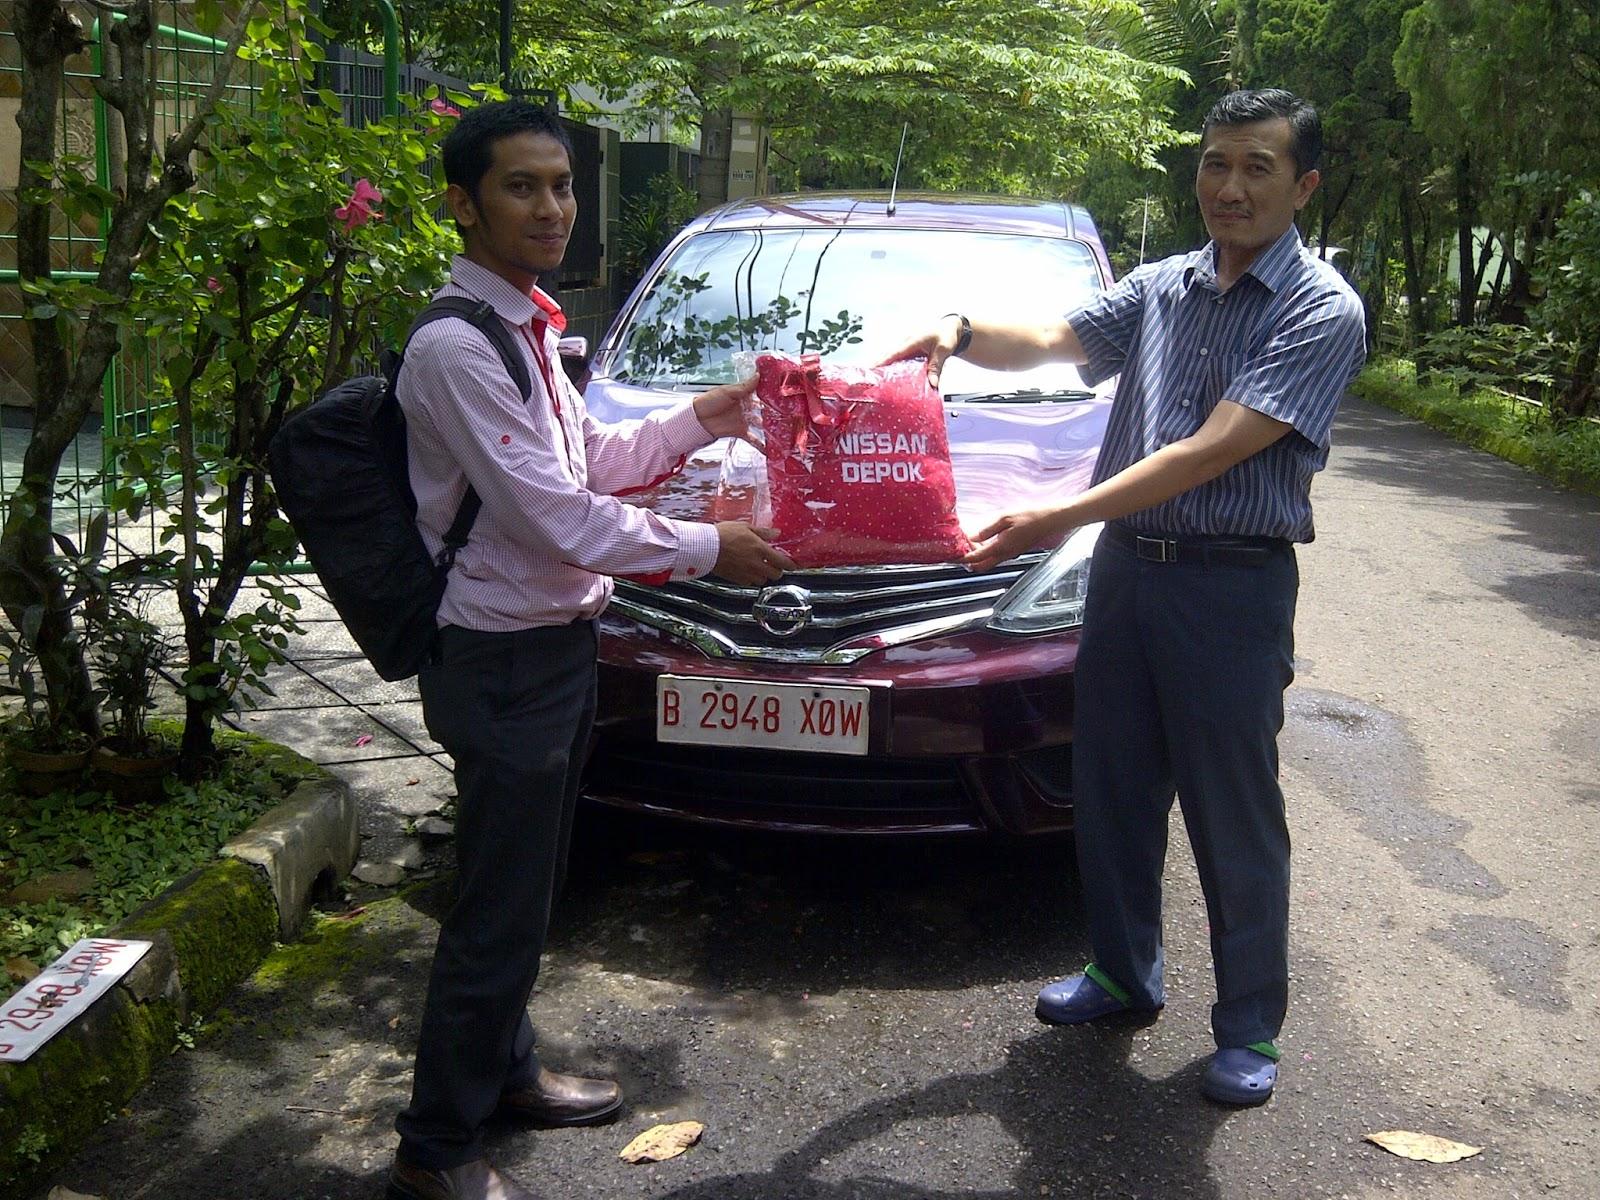 Terimakasih atas kepercayaan Pak Nursiyam&Klg yg telah membeli Nissan Grand Livina melalui media www.touchnissan.com.  Semoga Berkah ya Pak...